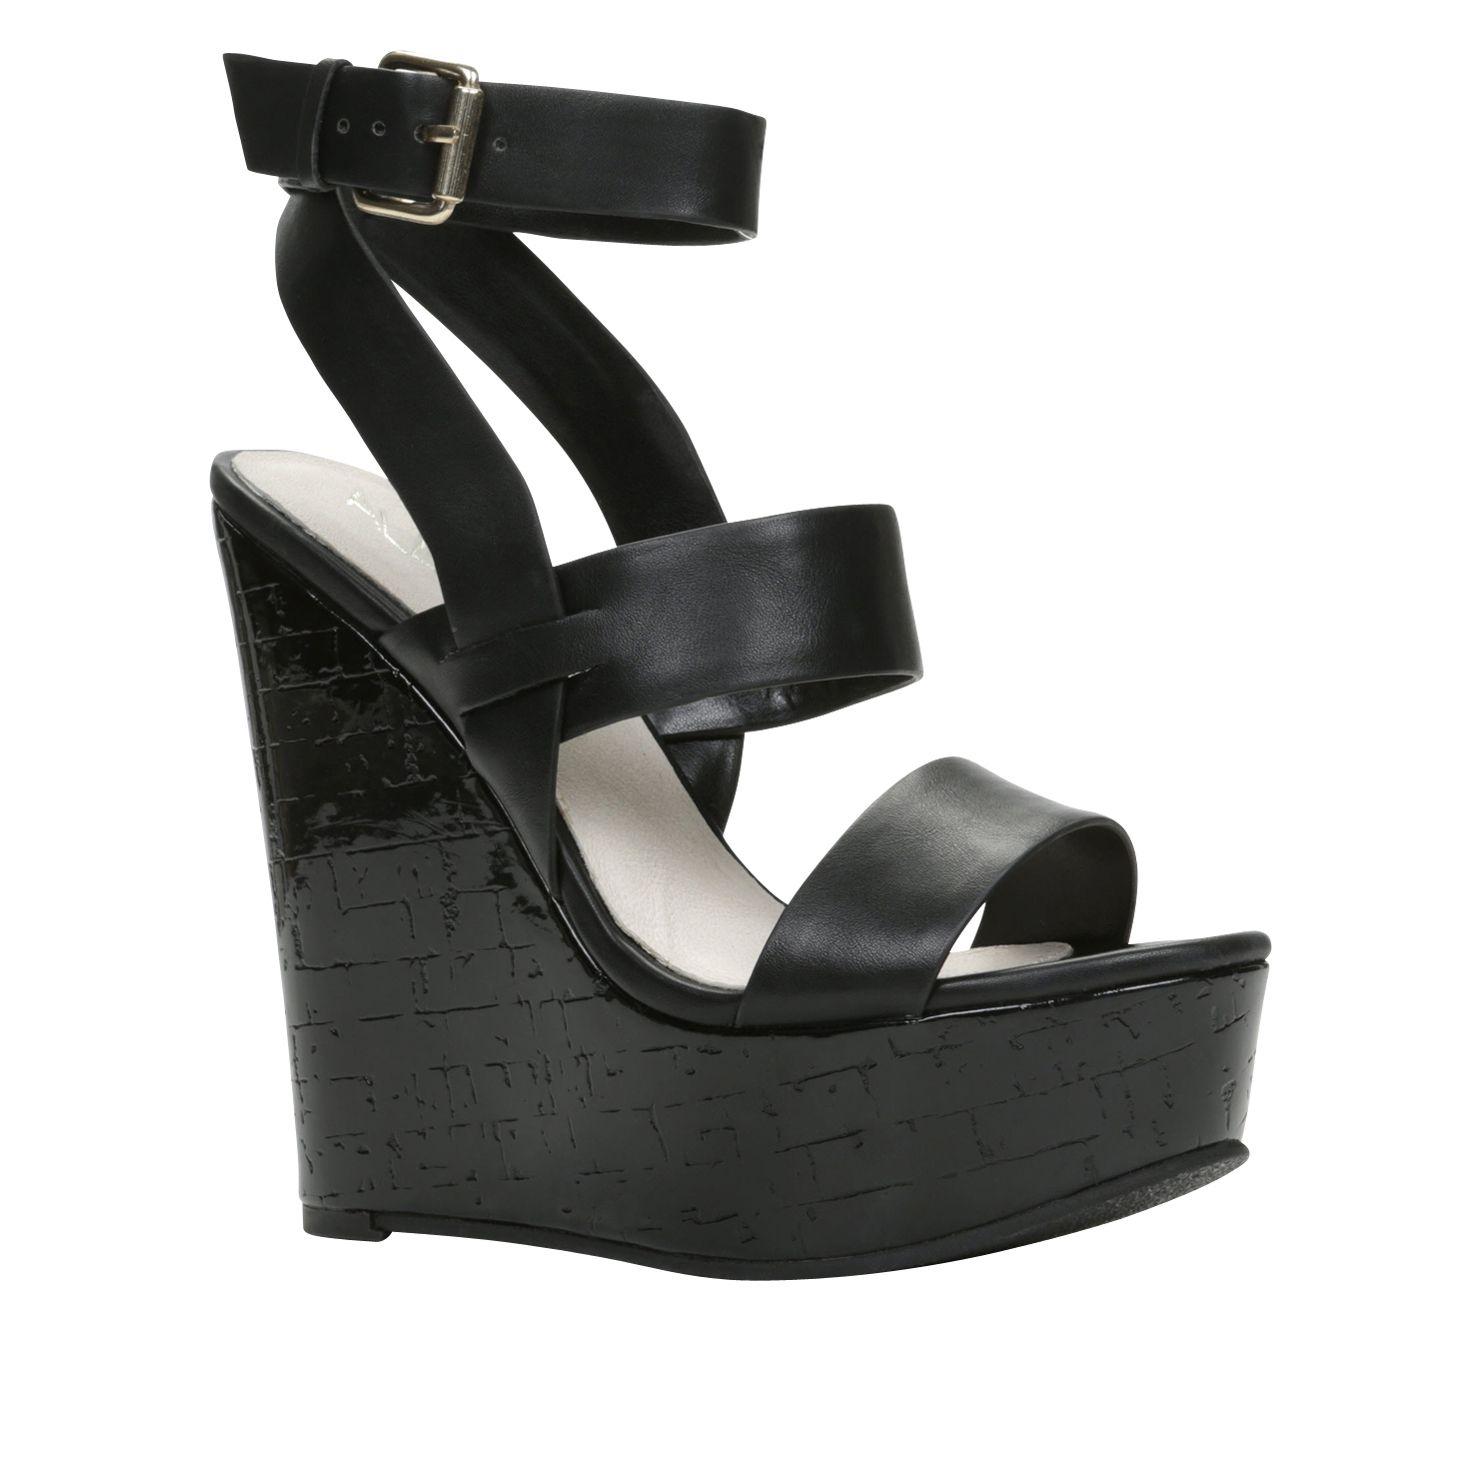 Aldo Birwen Ankle Strap Wedge Sandals in Black | Lyst